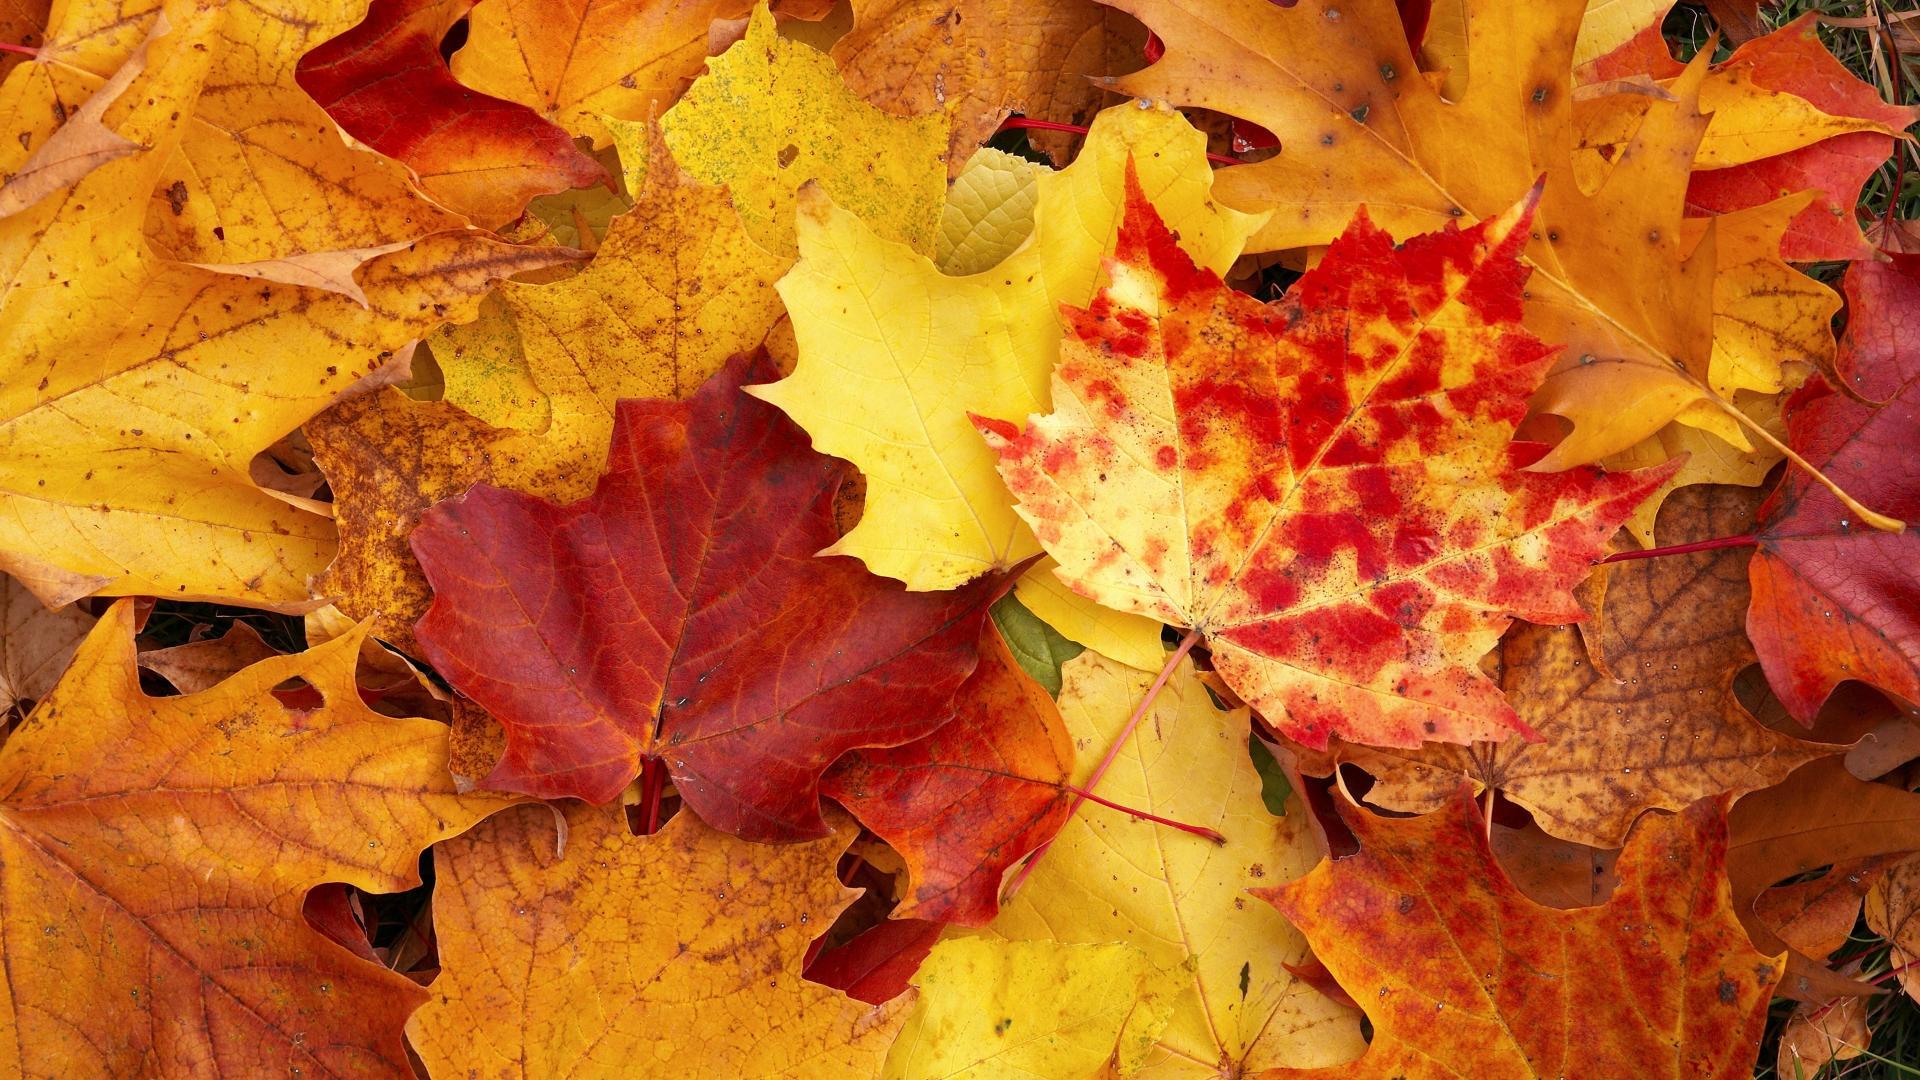 Gli eventi ad ottobre al porto antico di genova for Sfondi autunno hd